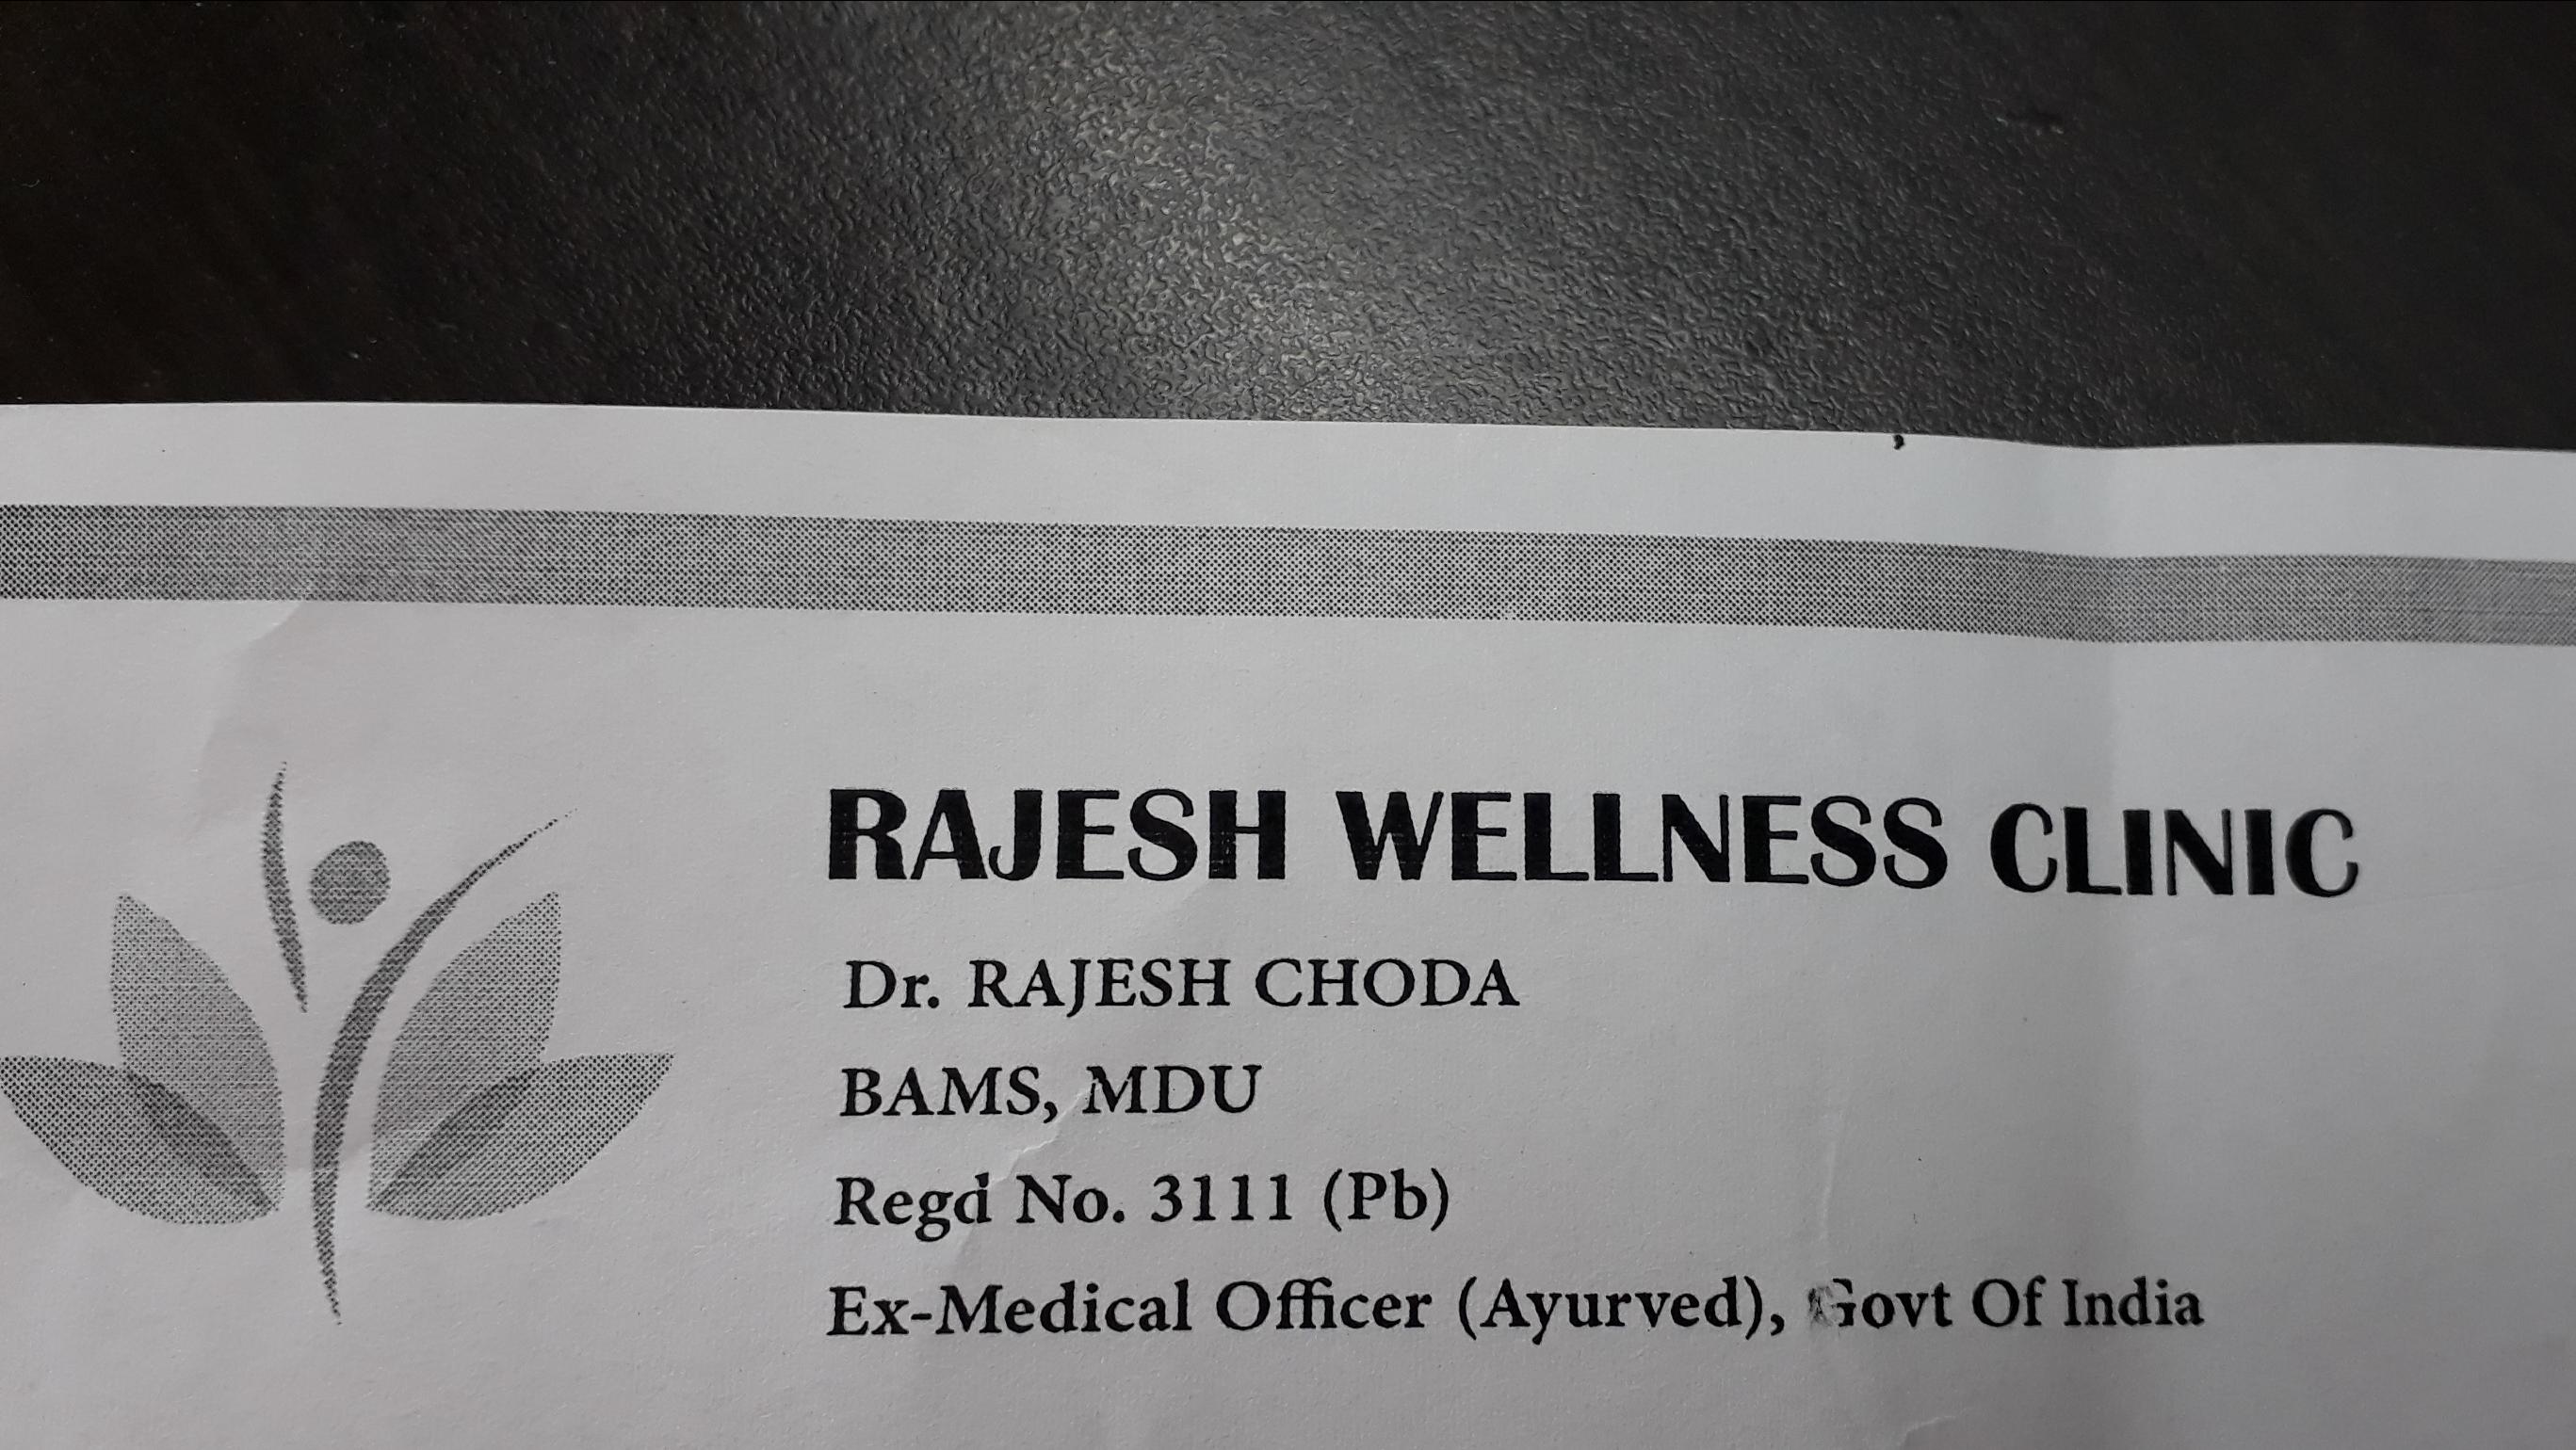 Rajesh Wellness Clinic, Zirakpur Mohali (CHANDIGARH REGION)